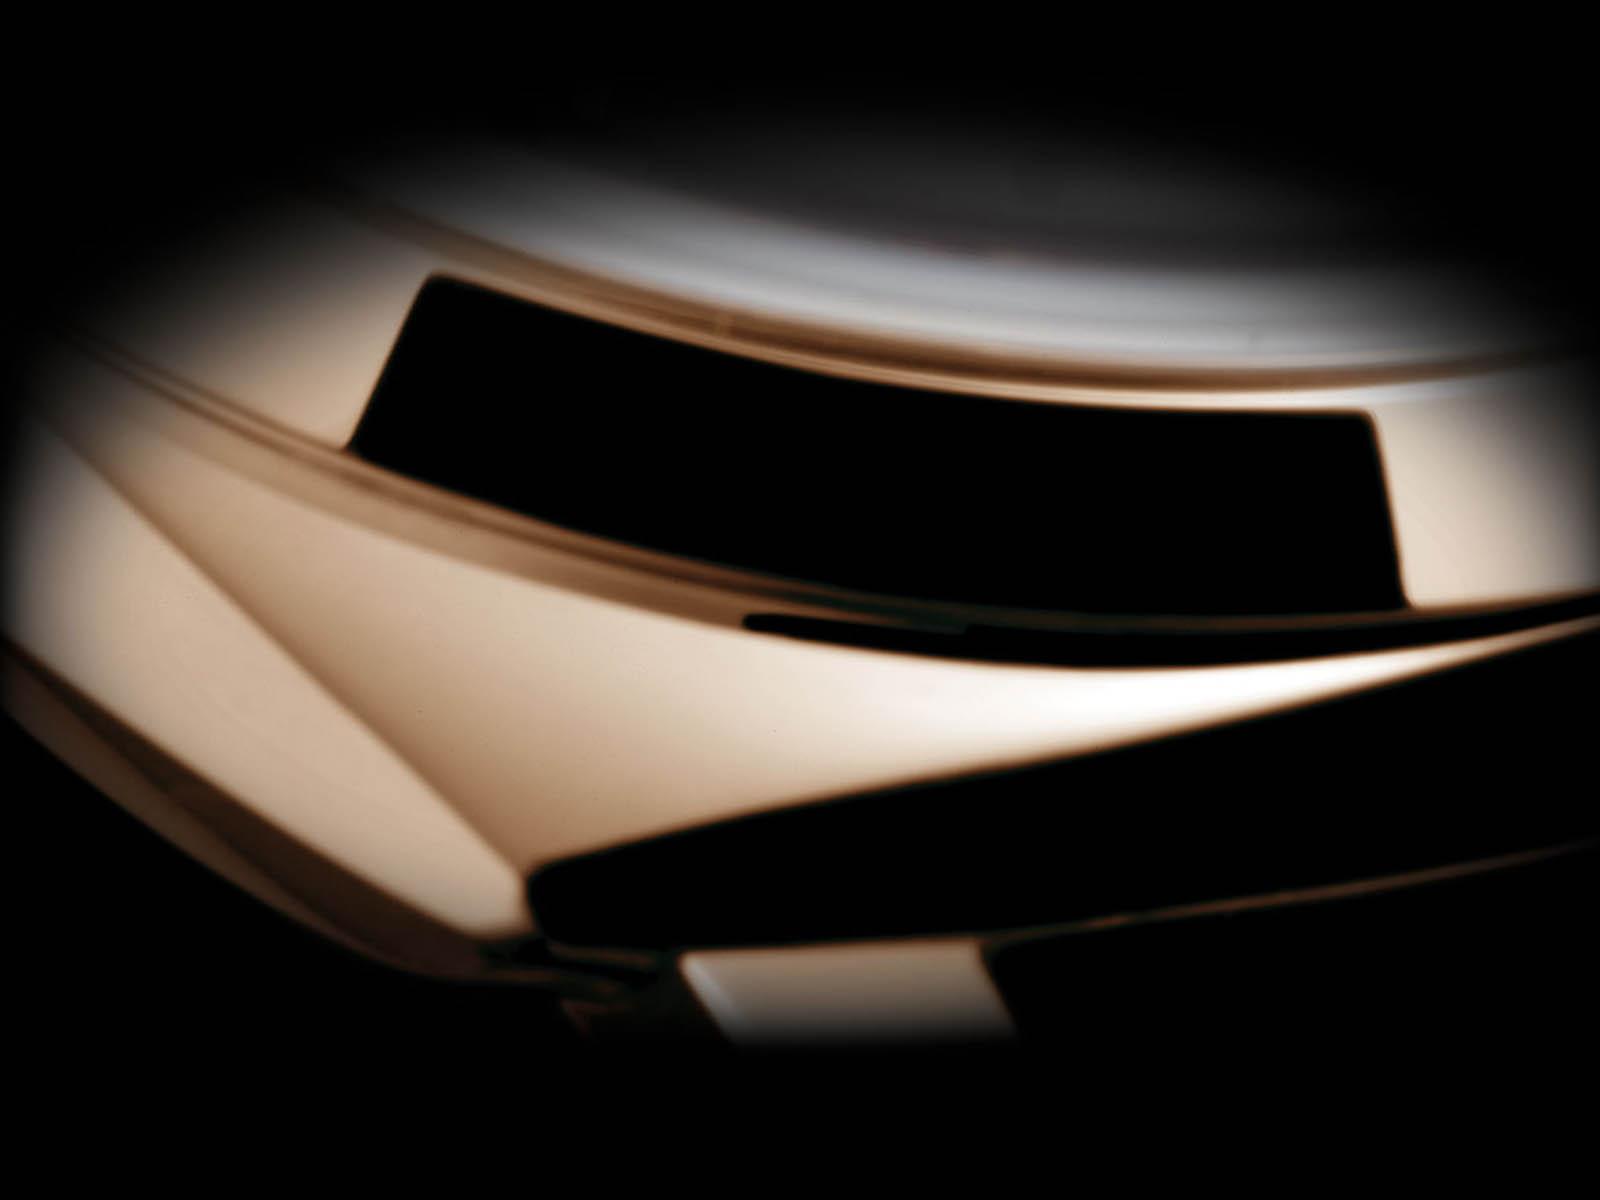 pam01020-officine-panerai-luminor-yachts-challenge-4.jpg